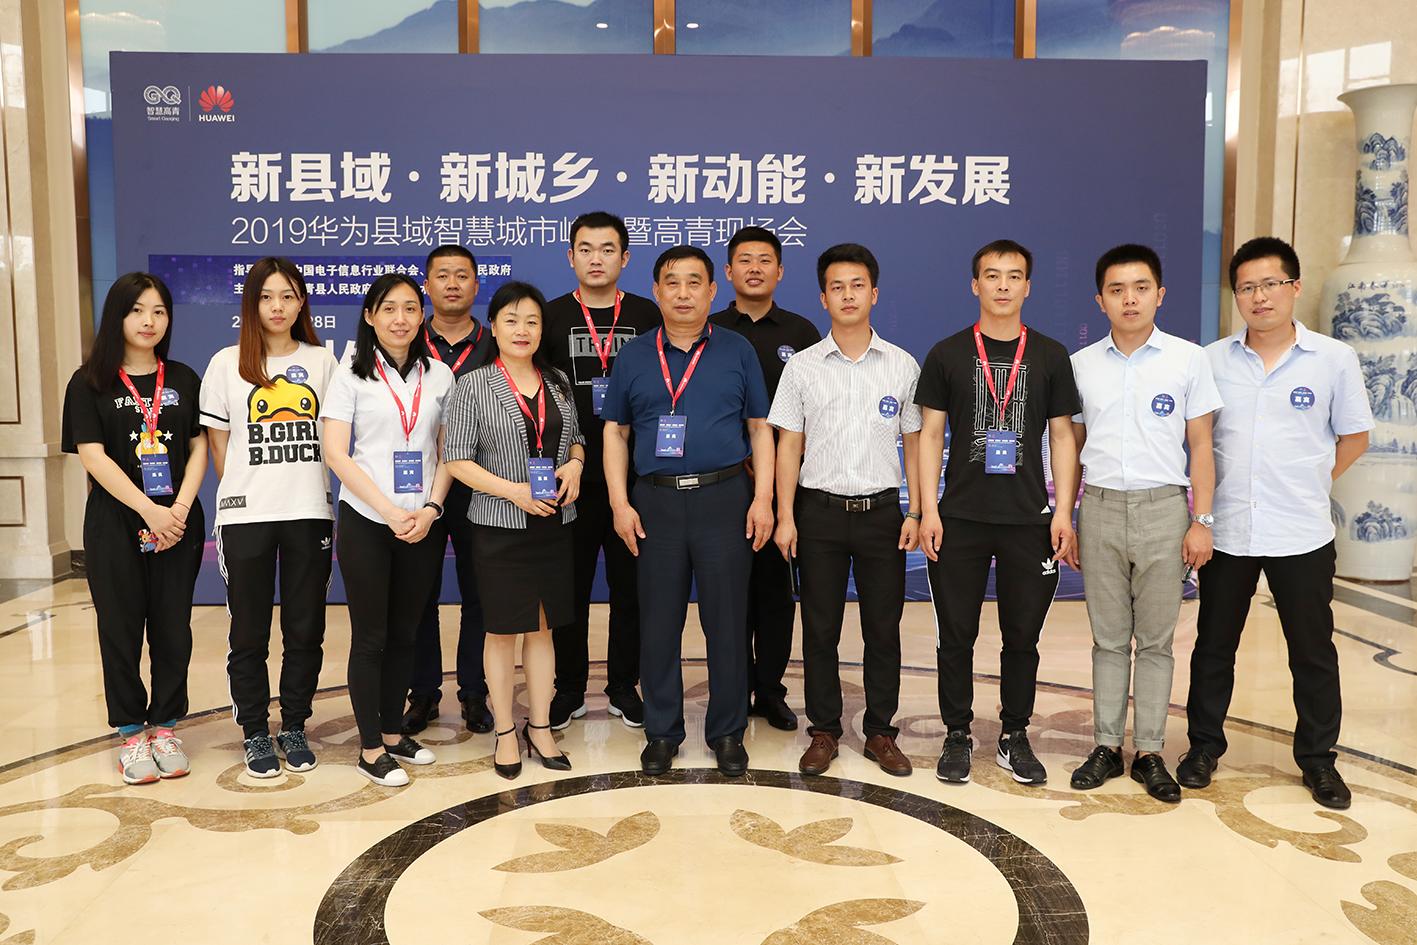 新县域·新城乡·高动能·新发展2019华为县域智慧城市峰会